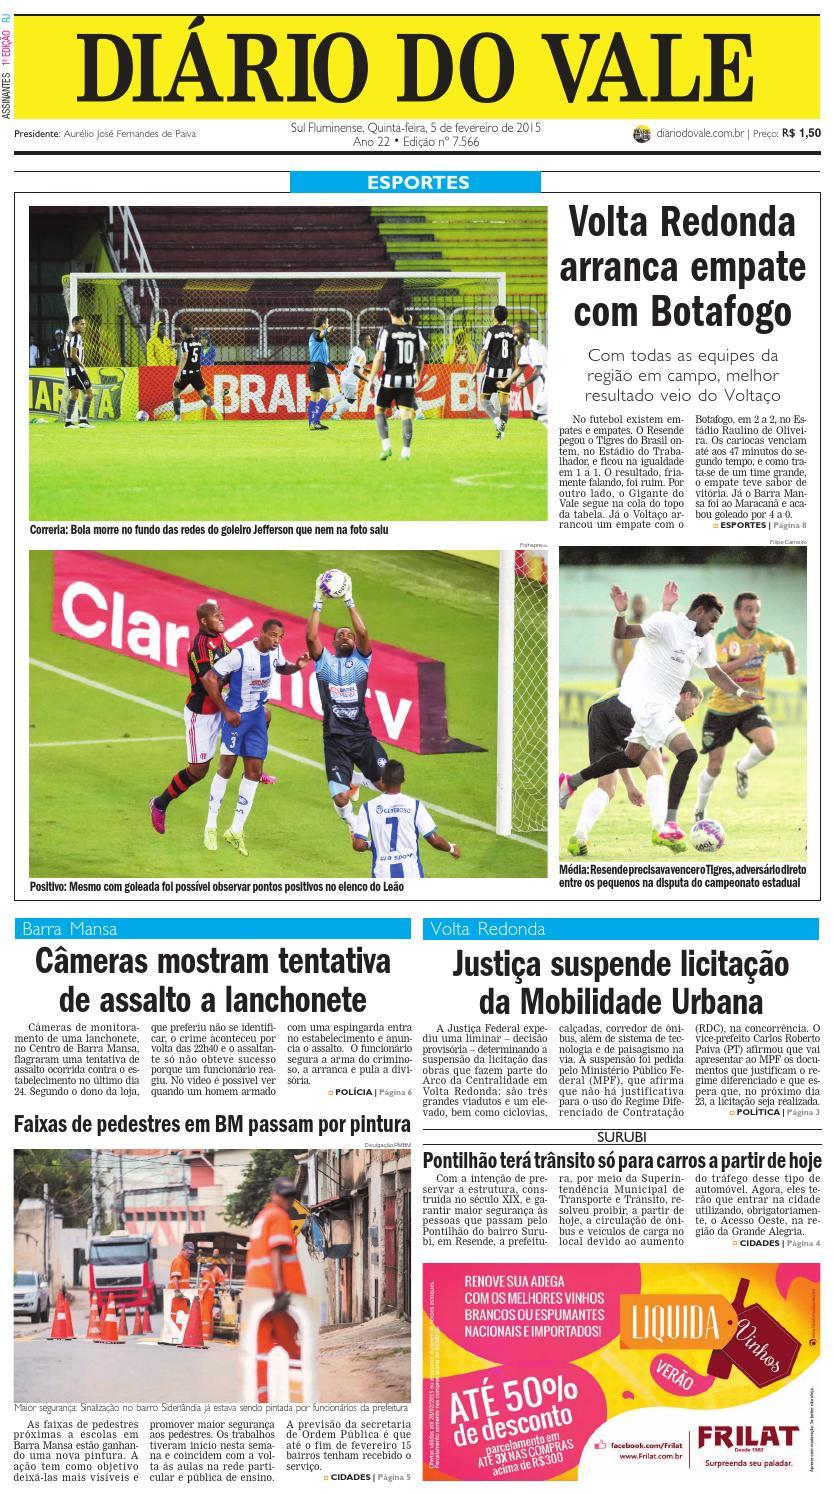 7566 diario quinta feira 05 02 2015 by Diário do Vale - issuu 0231a738a96ce